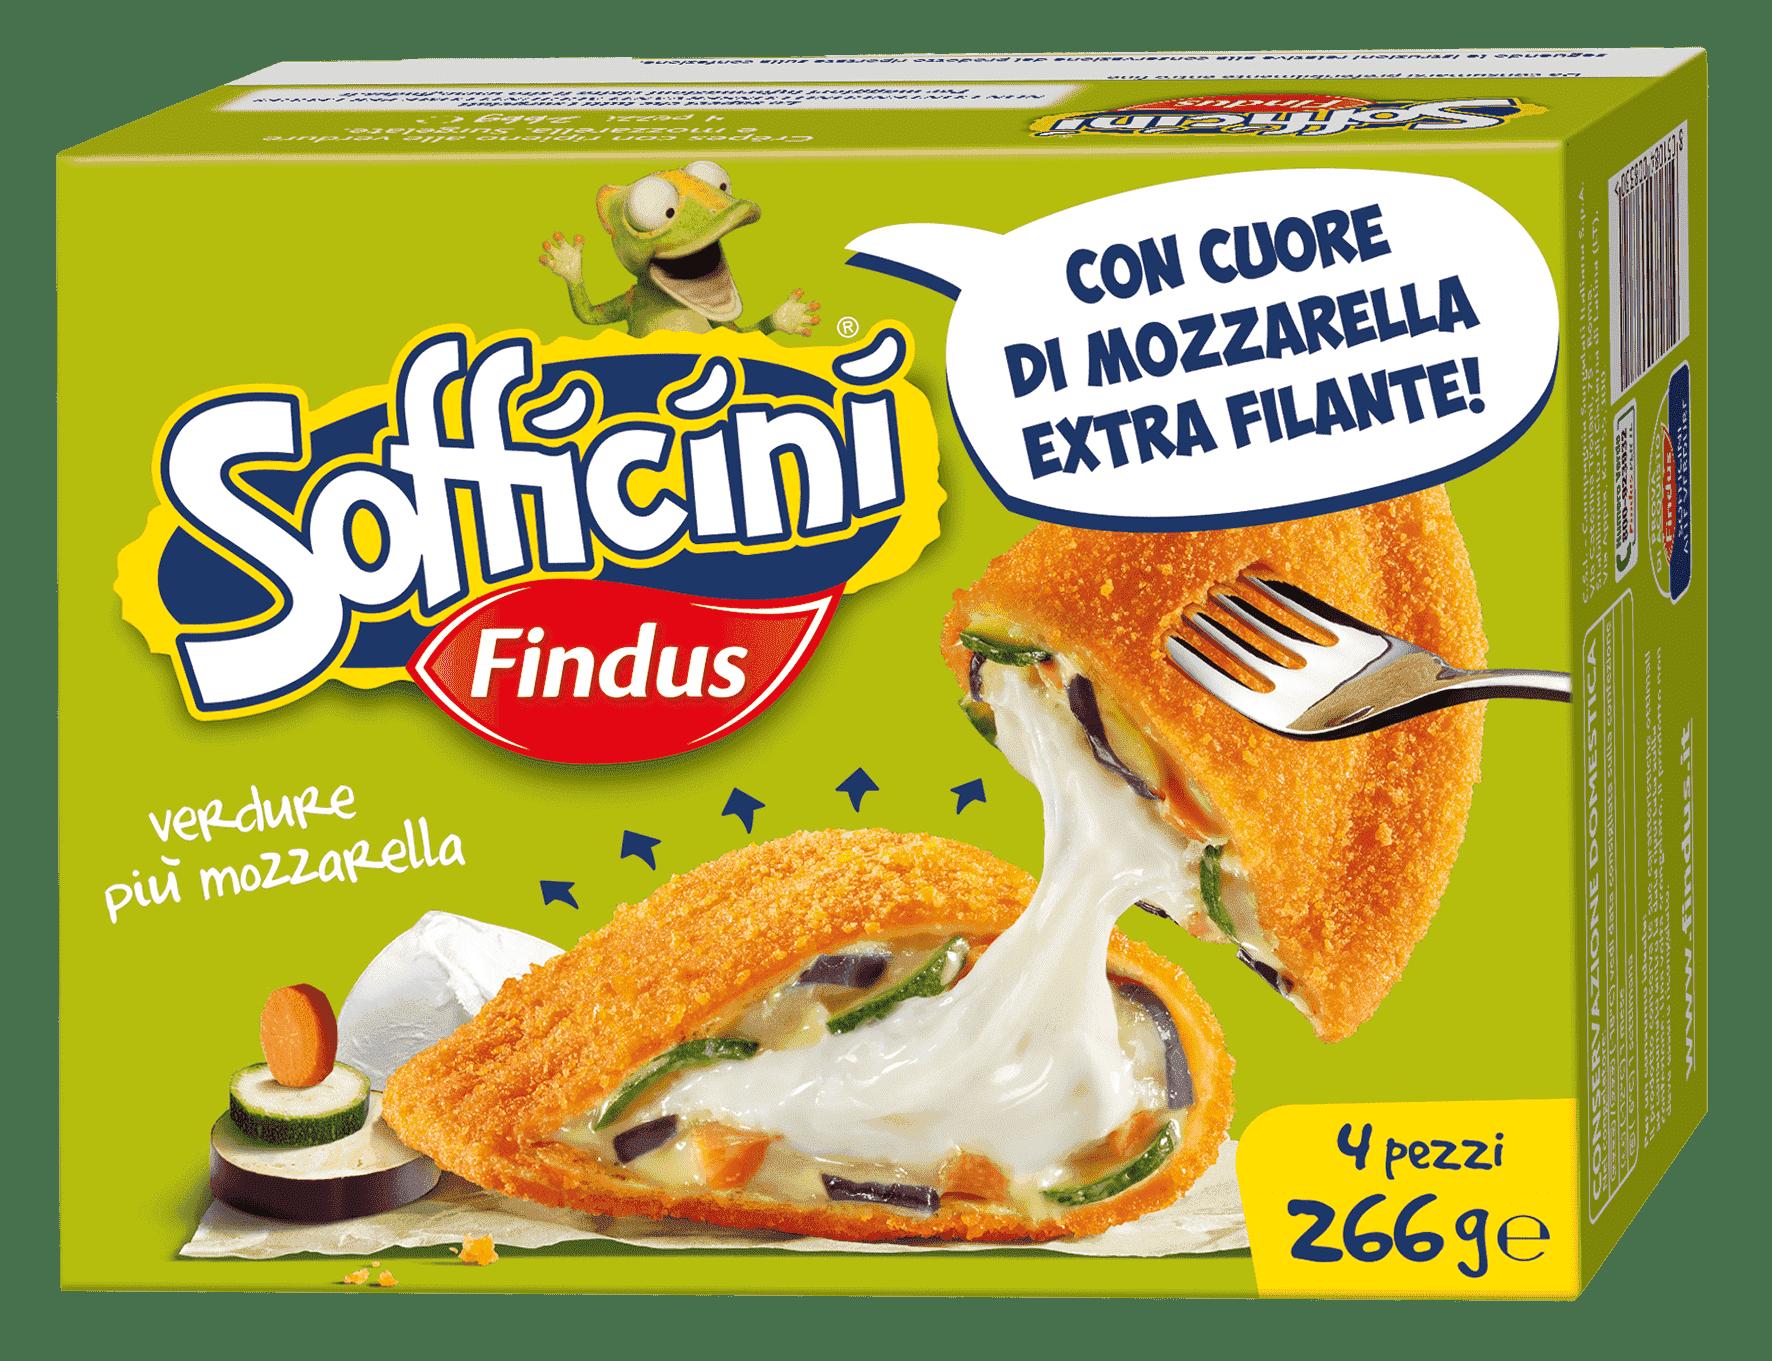 sofficini verdure piu mozzarella - Findus